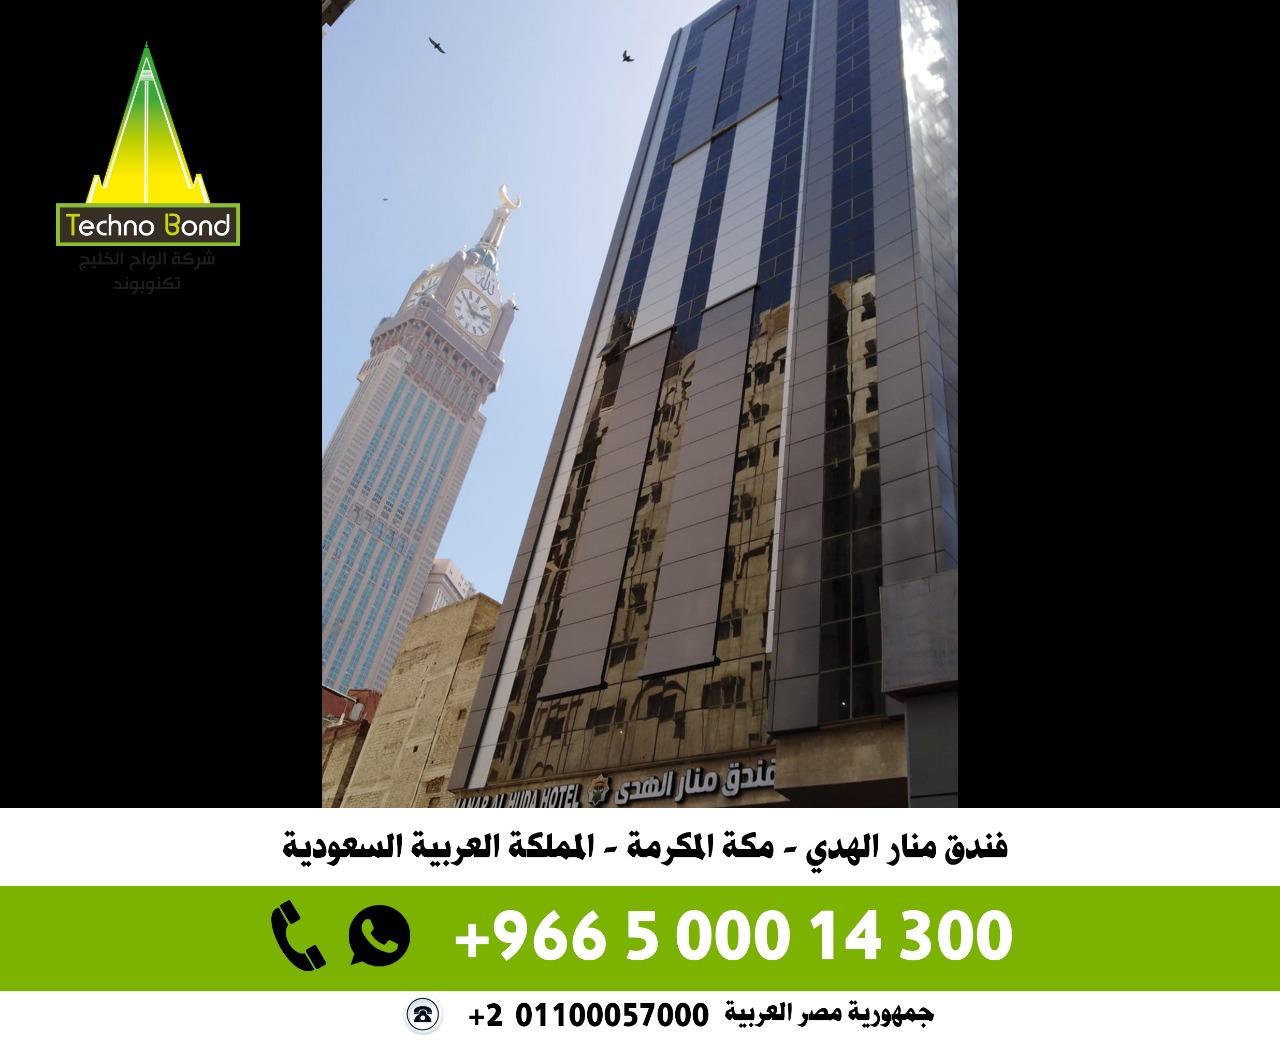 كلادينج مصر من تكنوبوند | شركات كلادينج مصر تكنوبوند | مصنع الواح الخليج  P_114323cnk1